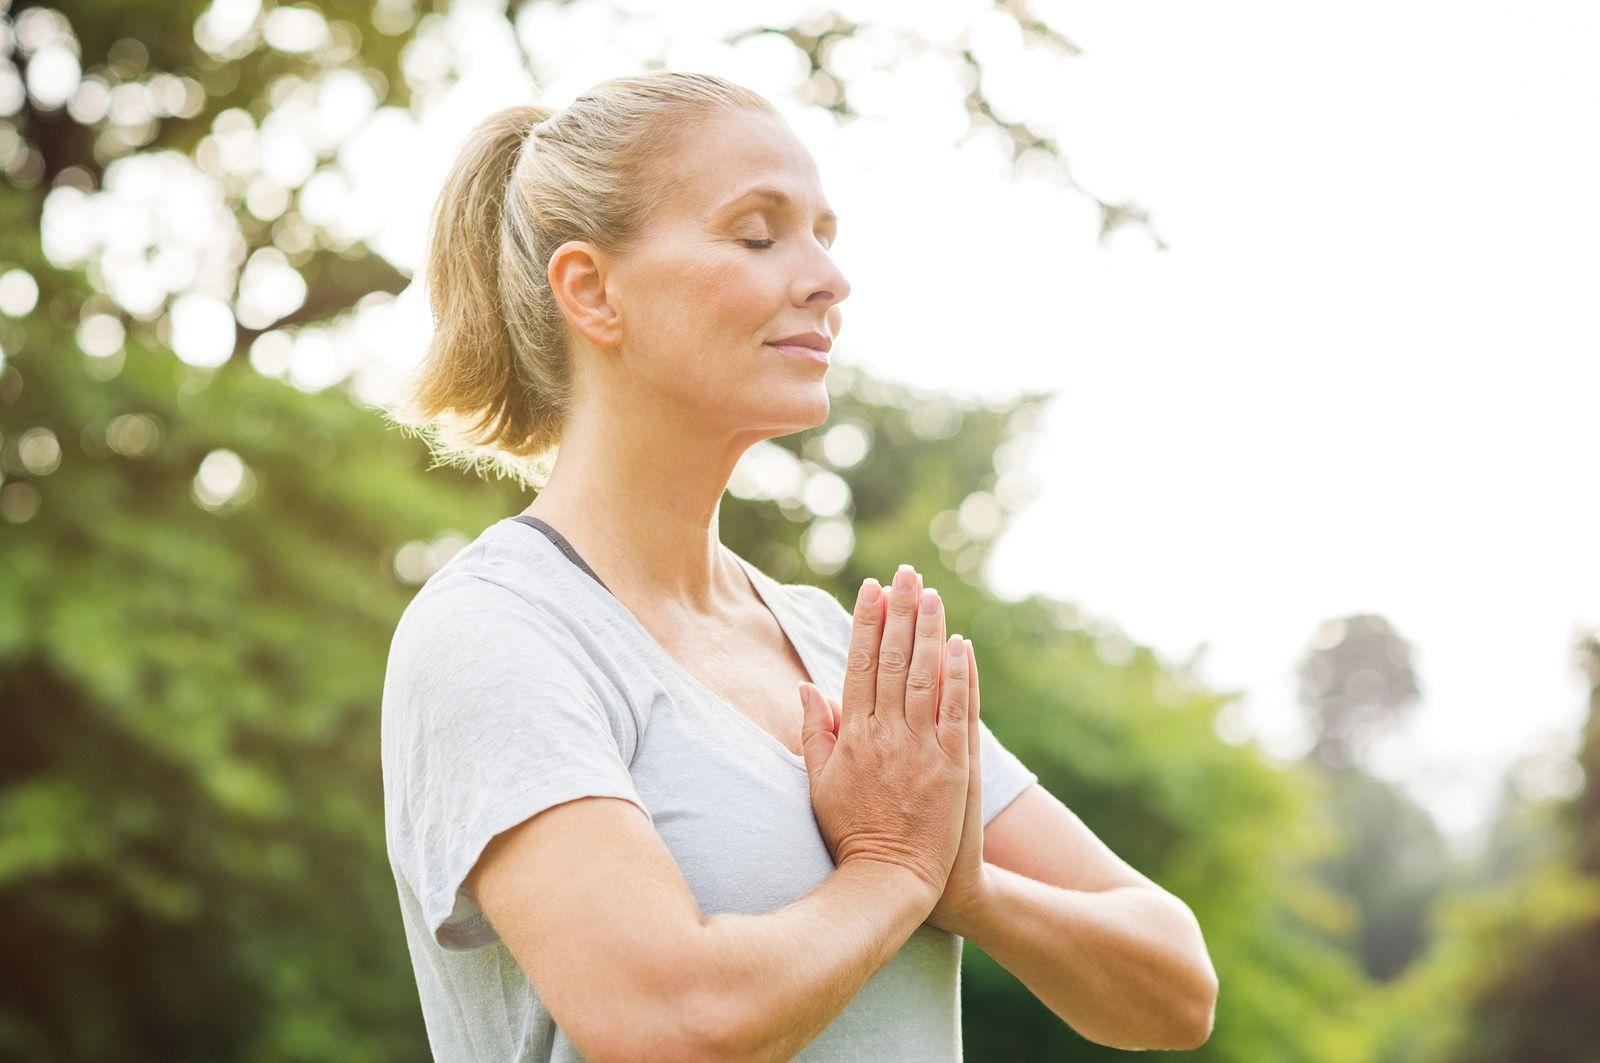 Cómo respirar para relajarse y disminuir el estrés